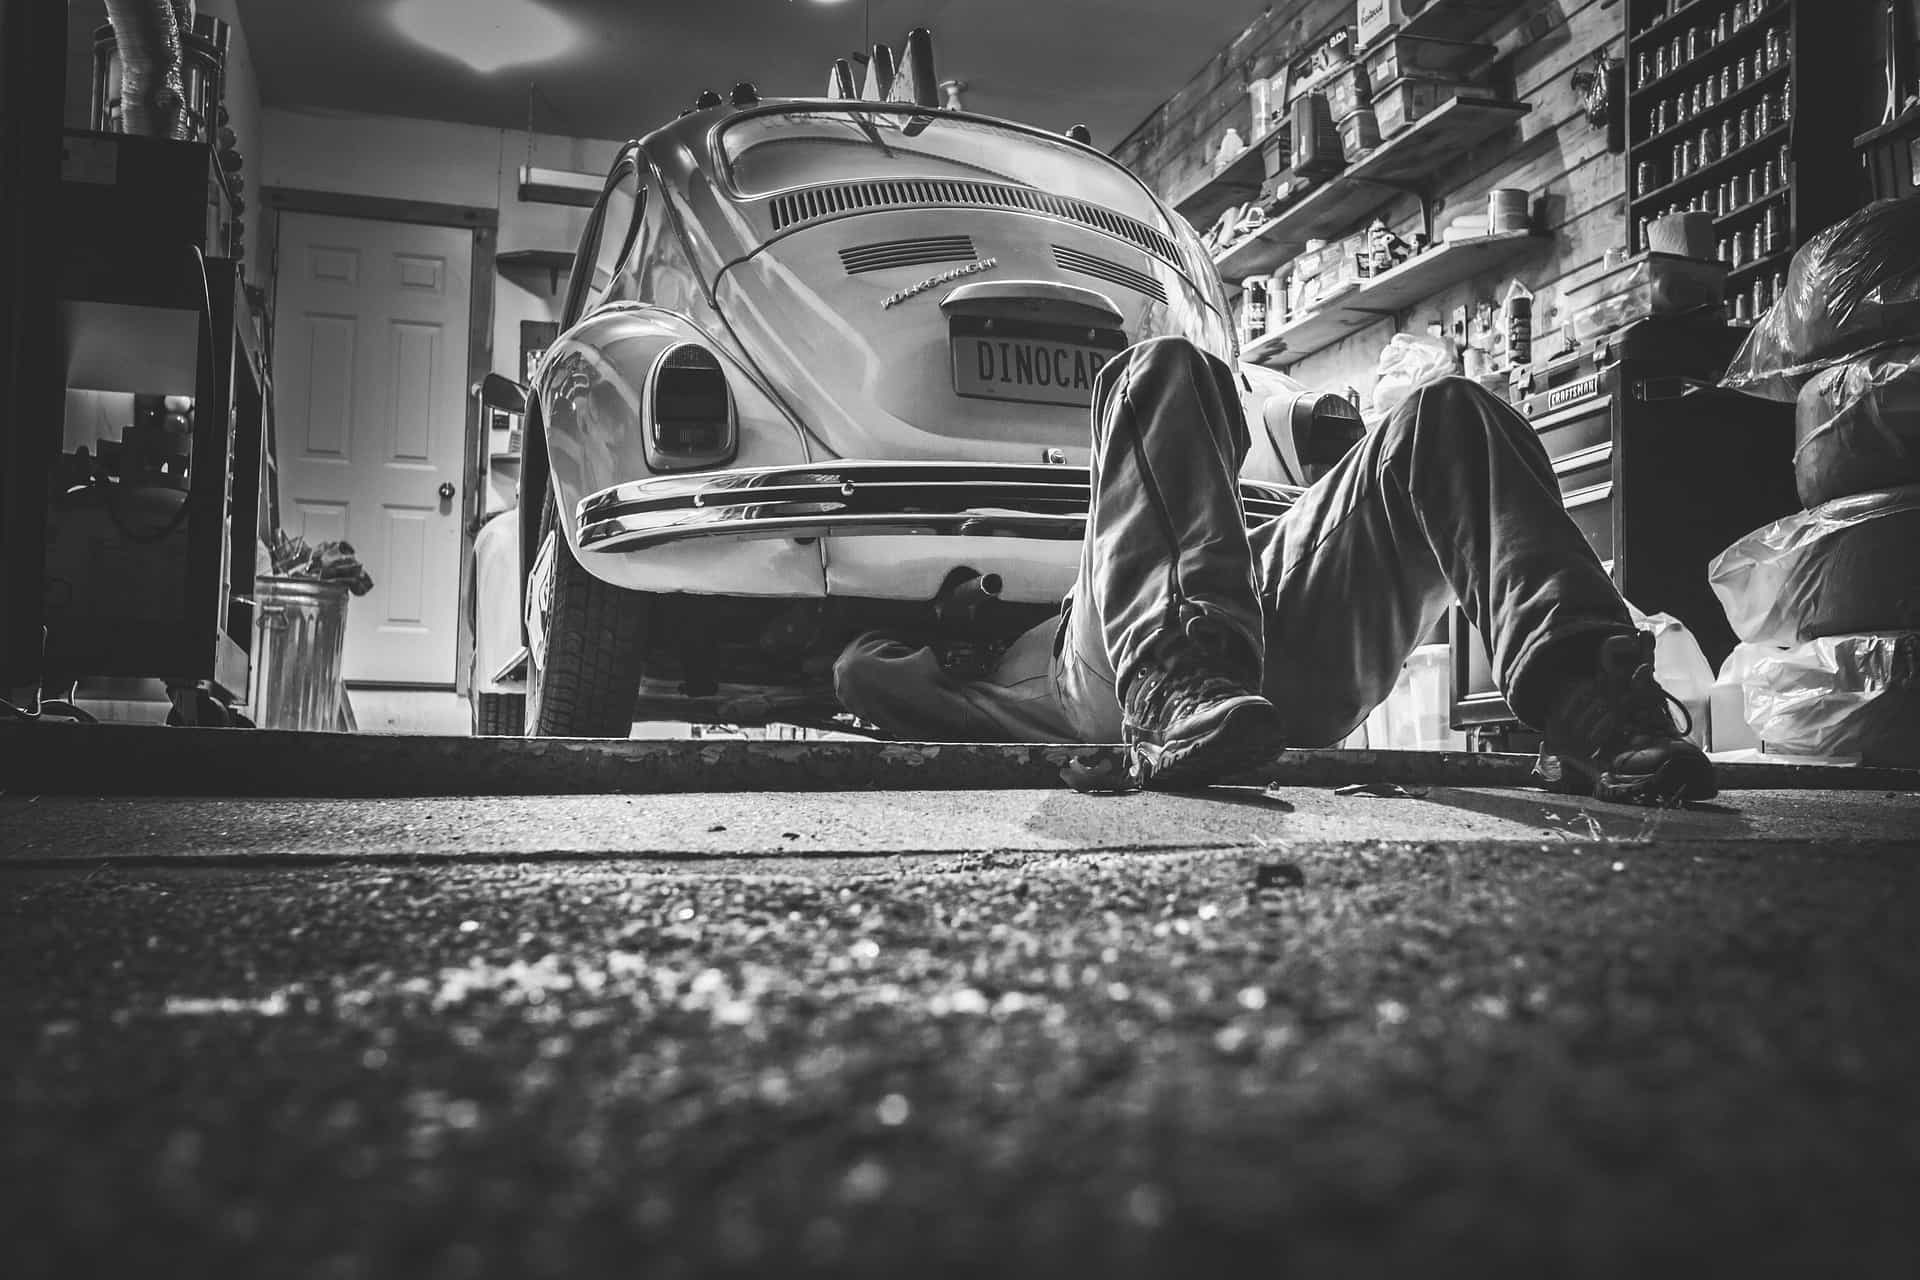 car-repair-362150_1920-min